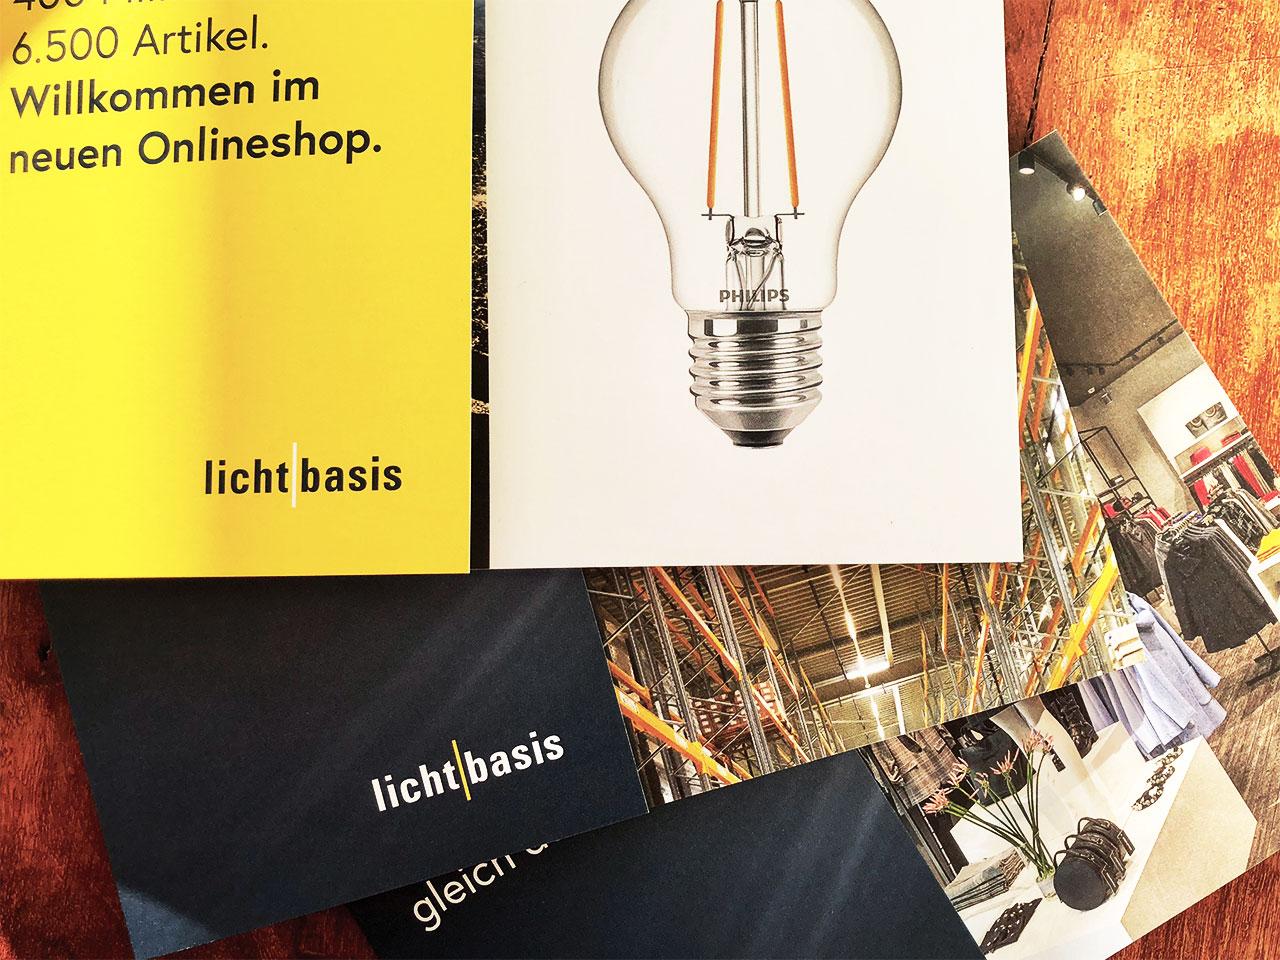 Gutes Licht verkauft lichtbasis Flyer Good light sold – lichtbasis